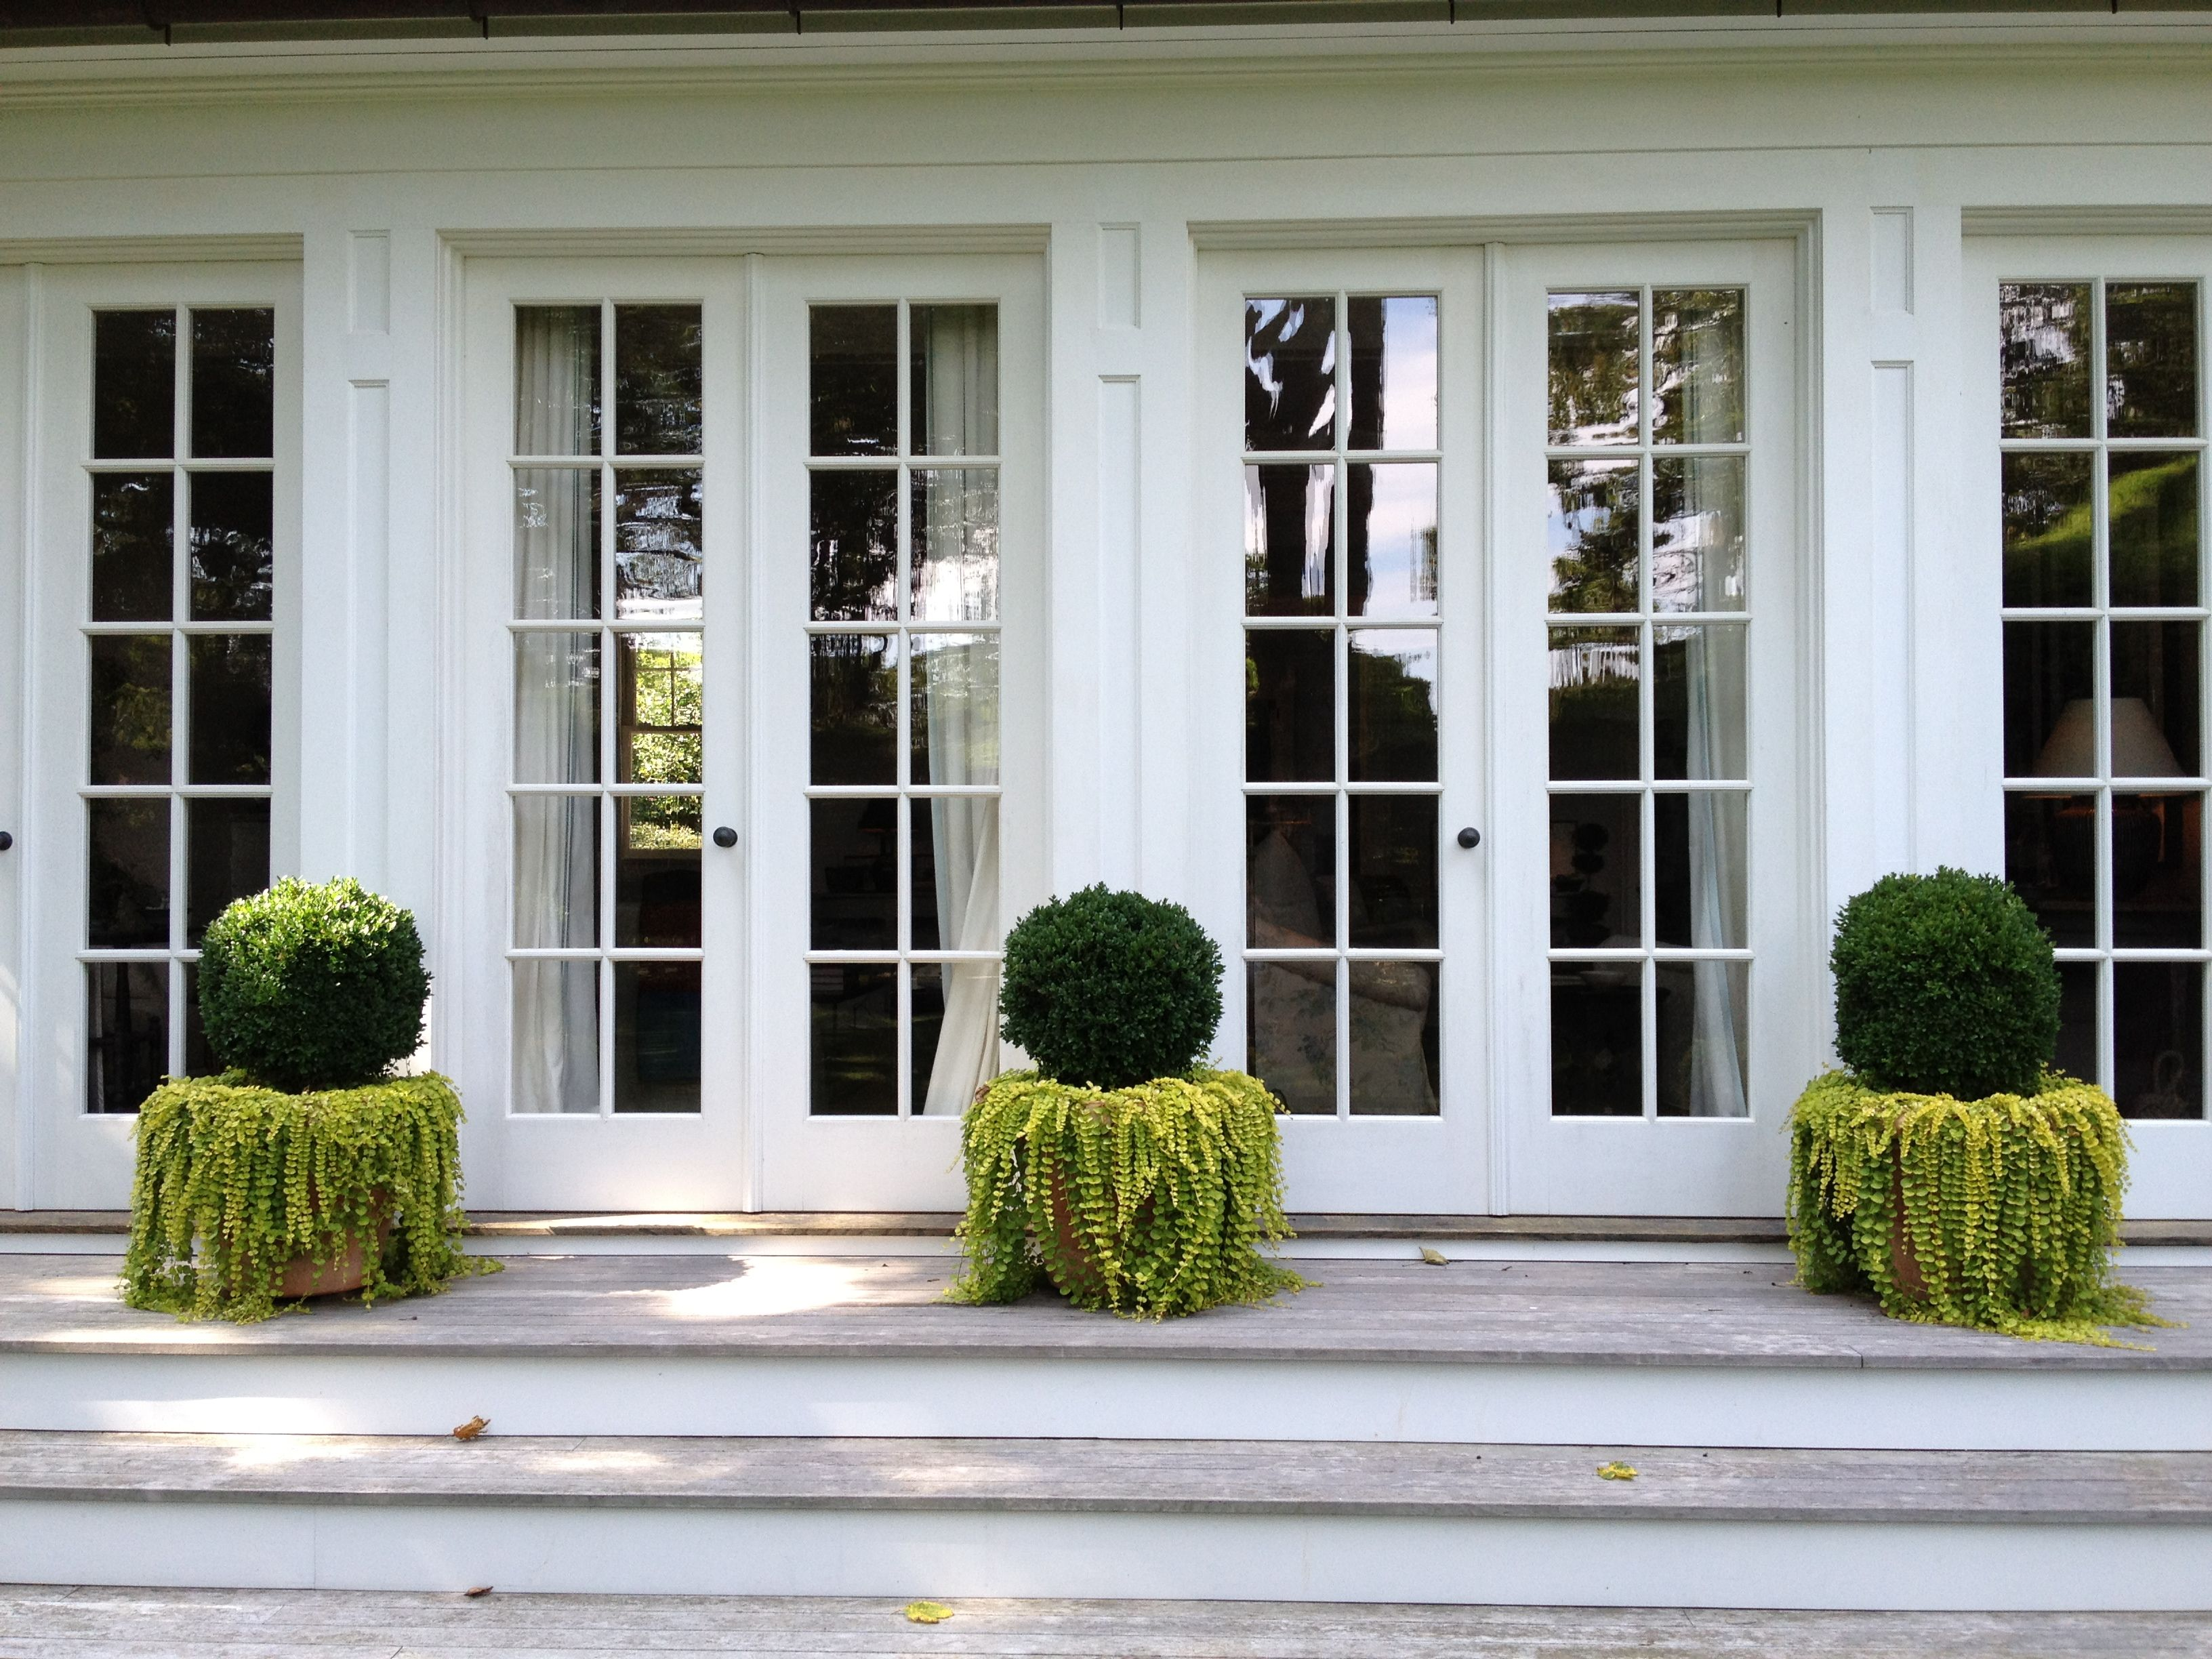 French door galore! & French door galore! | Art to Inspire | Pinterest | Doors Exterior ... pezcame.com